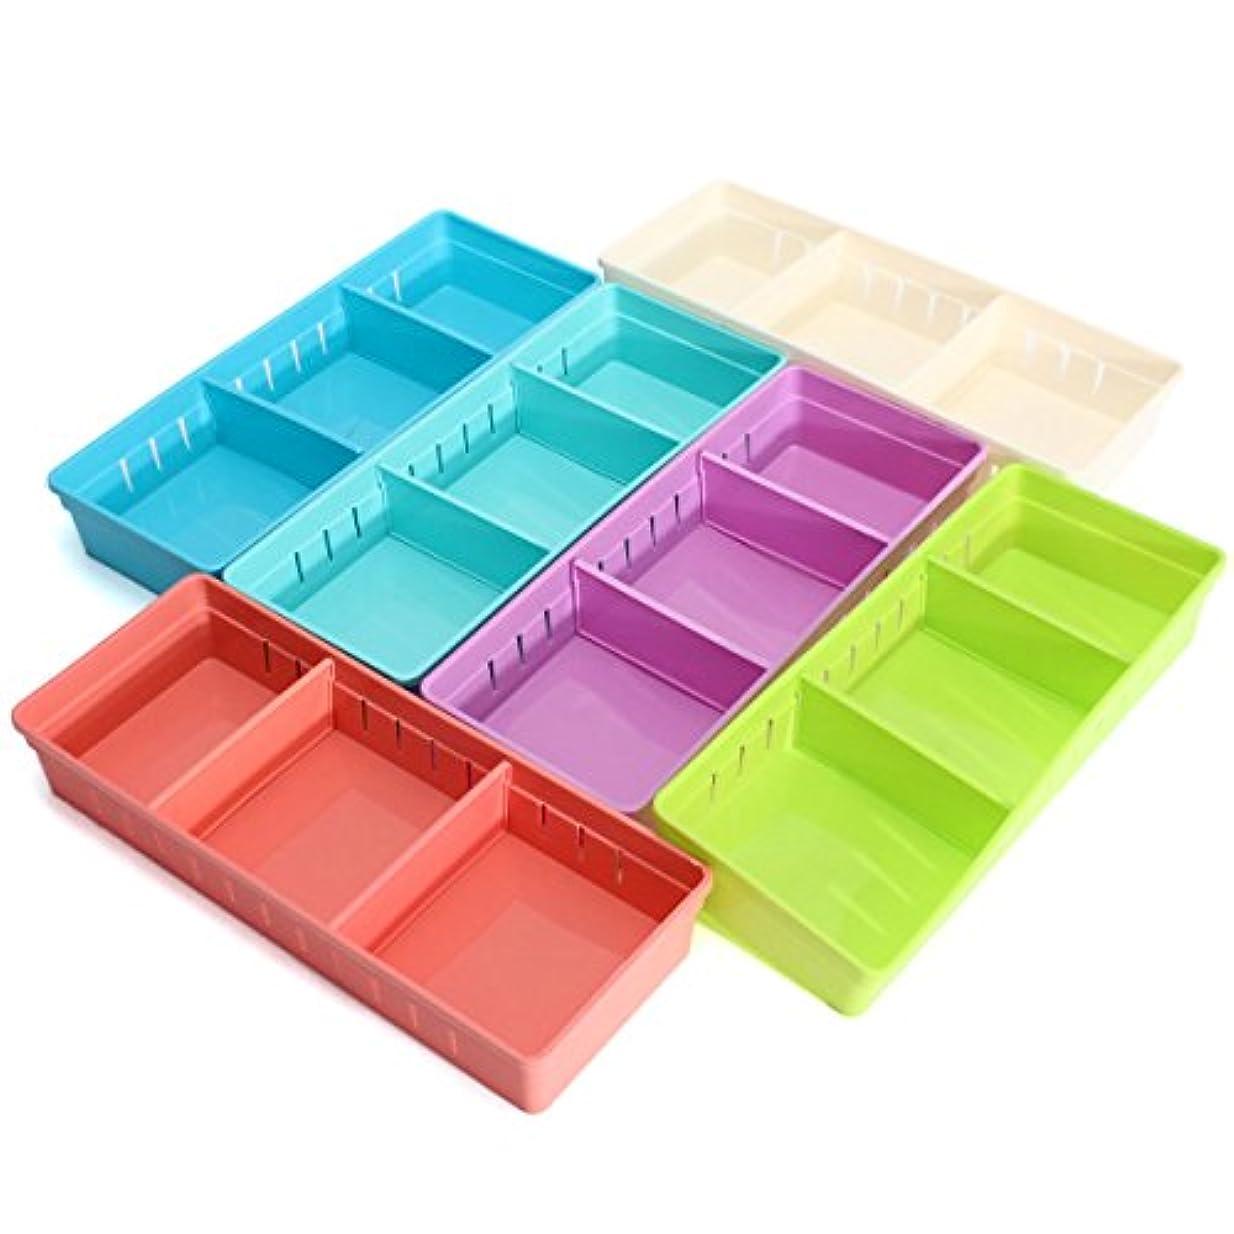 旅ロック解除エトナ山YZUEYT 調整可能なメイクアップ収納ボックス引き出しホームキッチンオフィスSupplie鉛筆ジュエリーオーガナイザー YZUEYT (Color : Color Yellow)